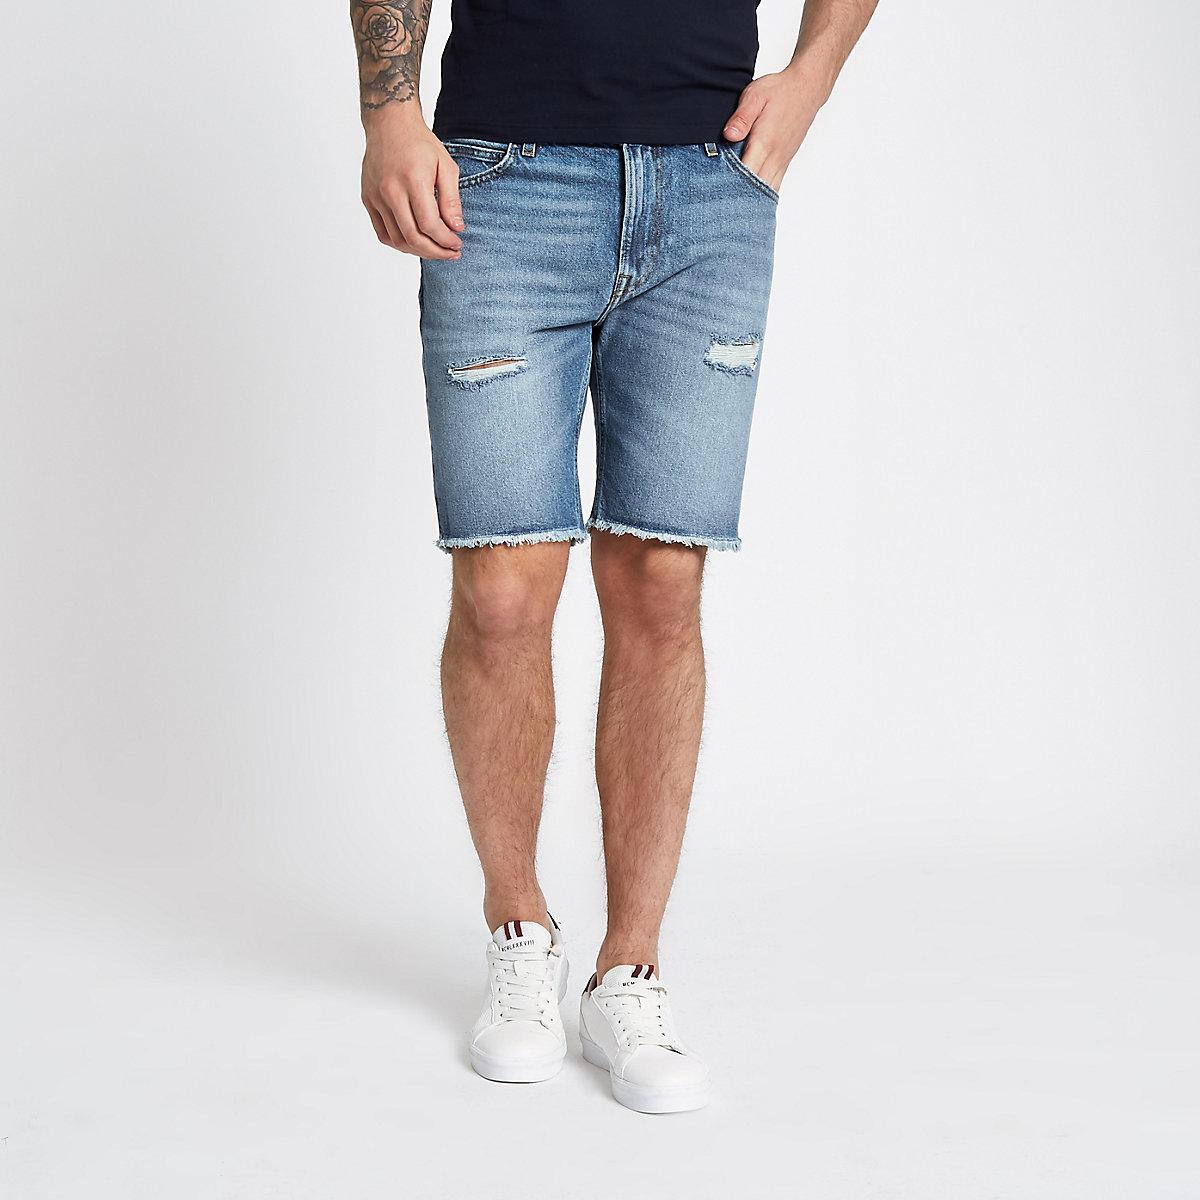 Lee blue raw hem denim shorts